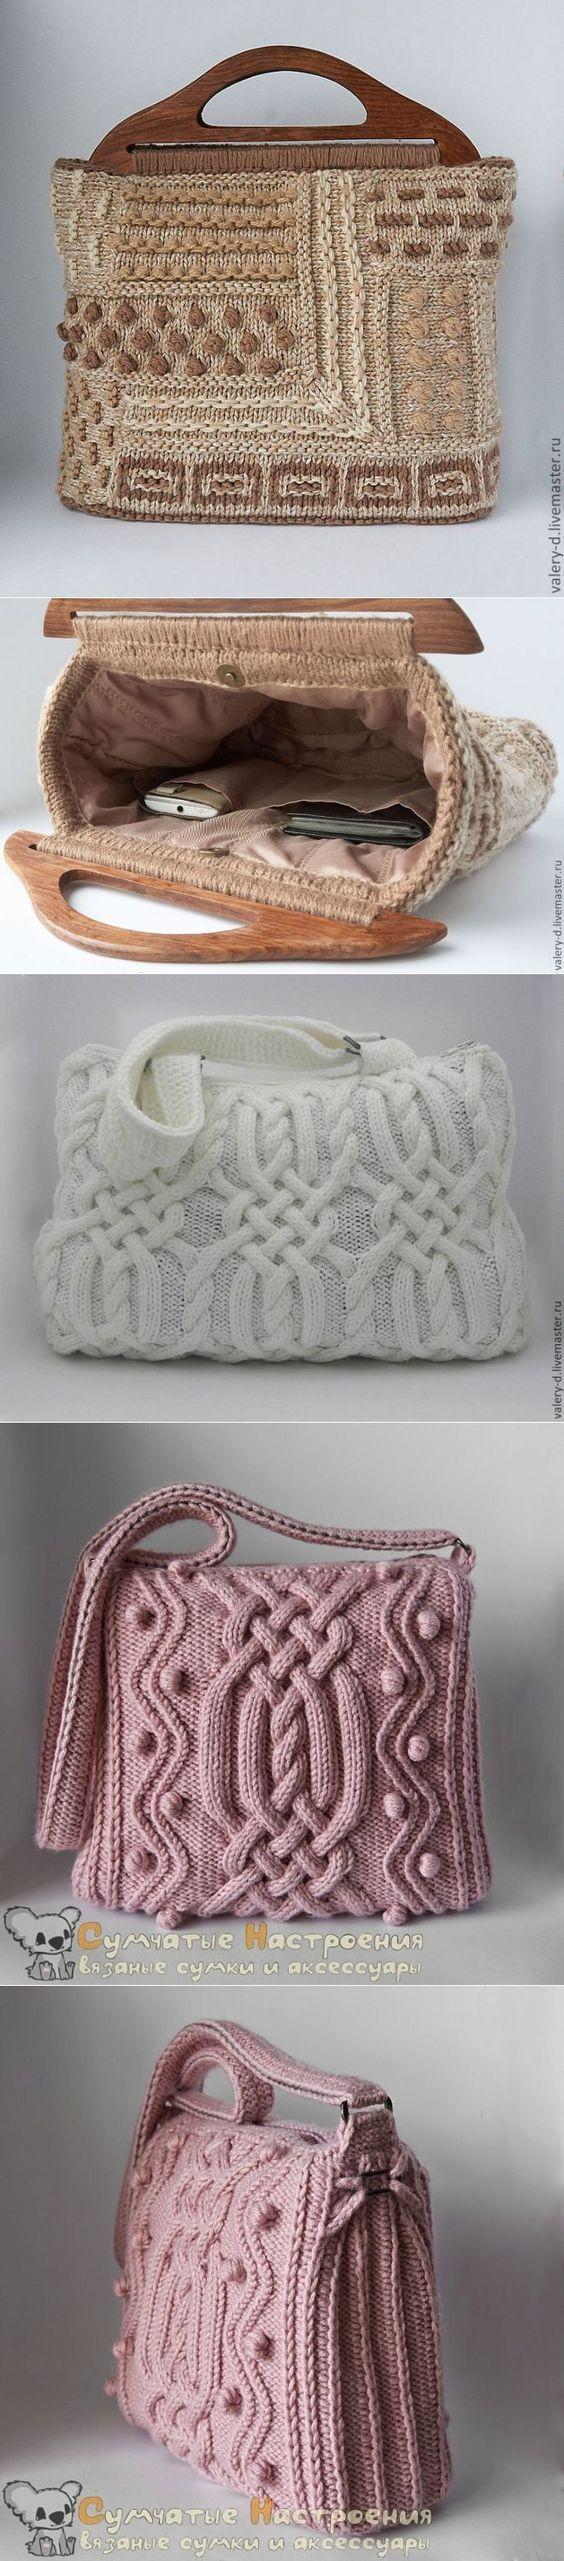 Вязаные сумки мастера Сумчатые Настроения